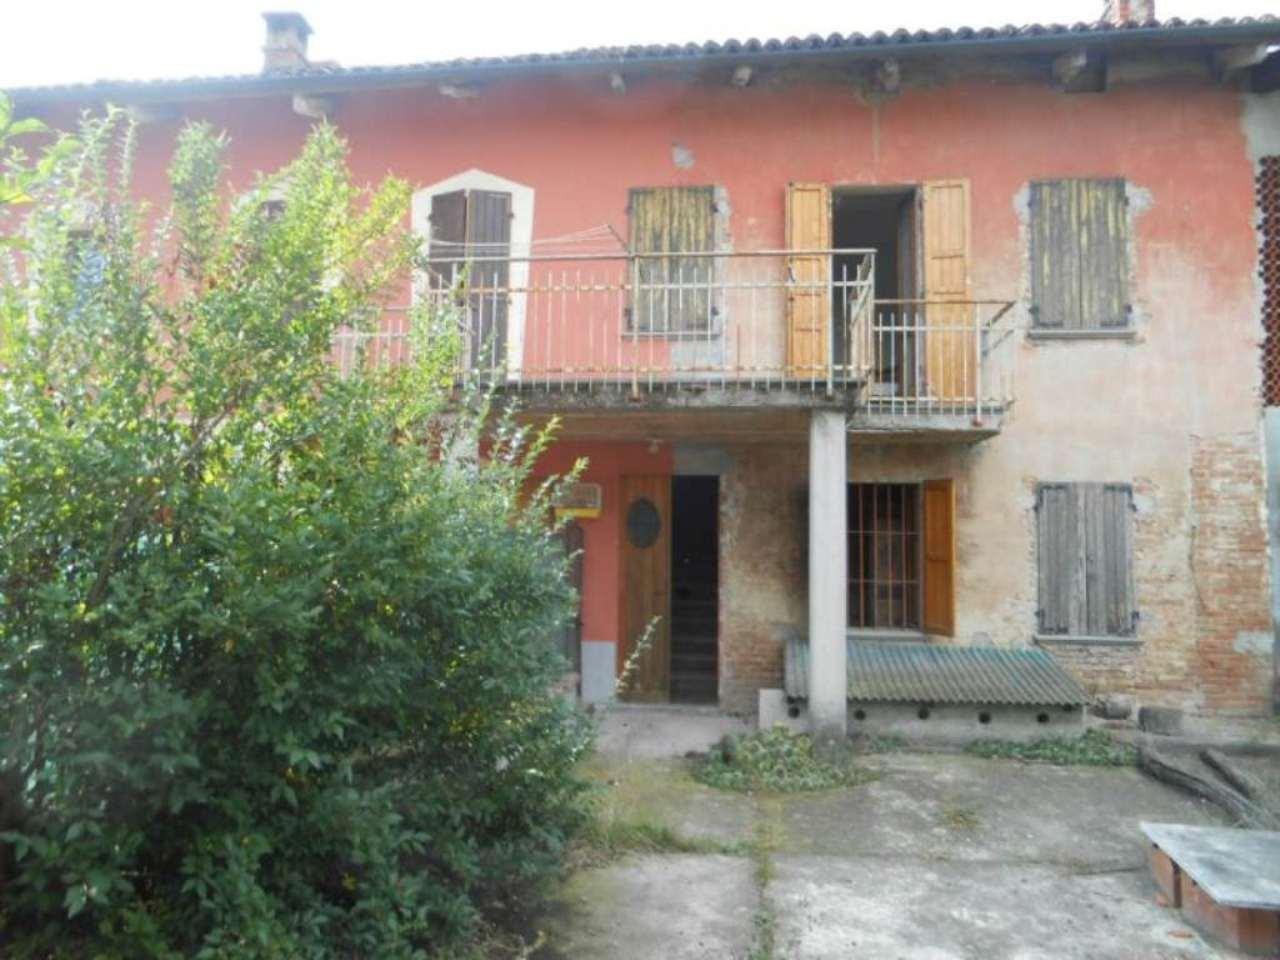 Soluzione Semindipendente in vendita a Camerano Casasco, 5 locali, prezzo € 30.000 | Cambio Casa.it